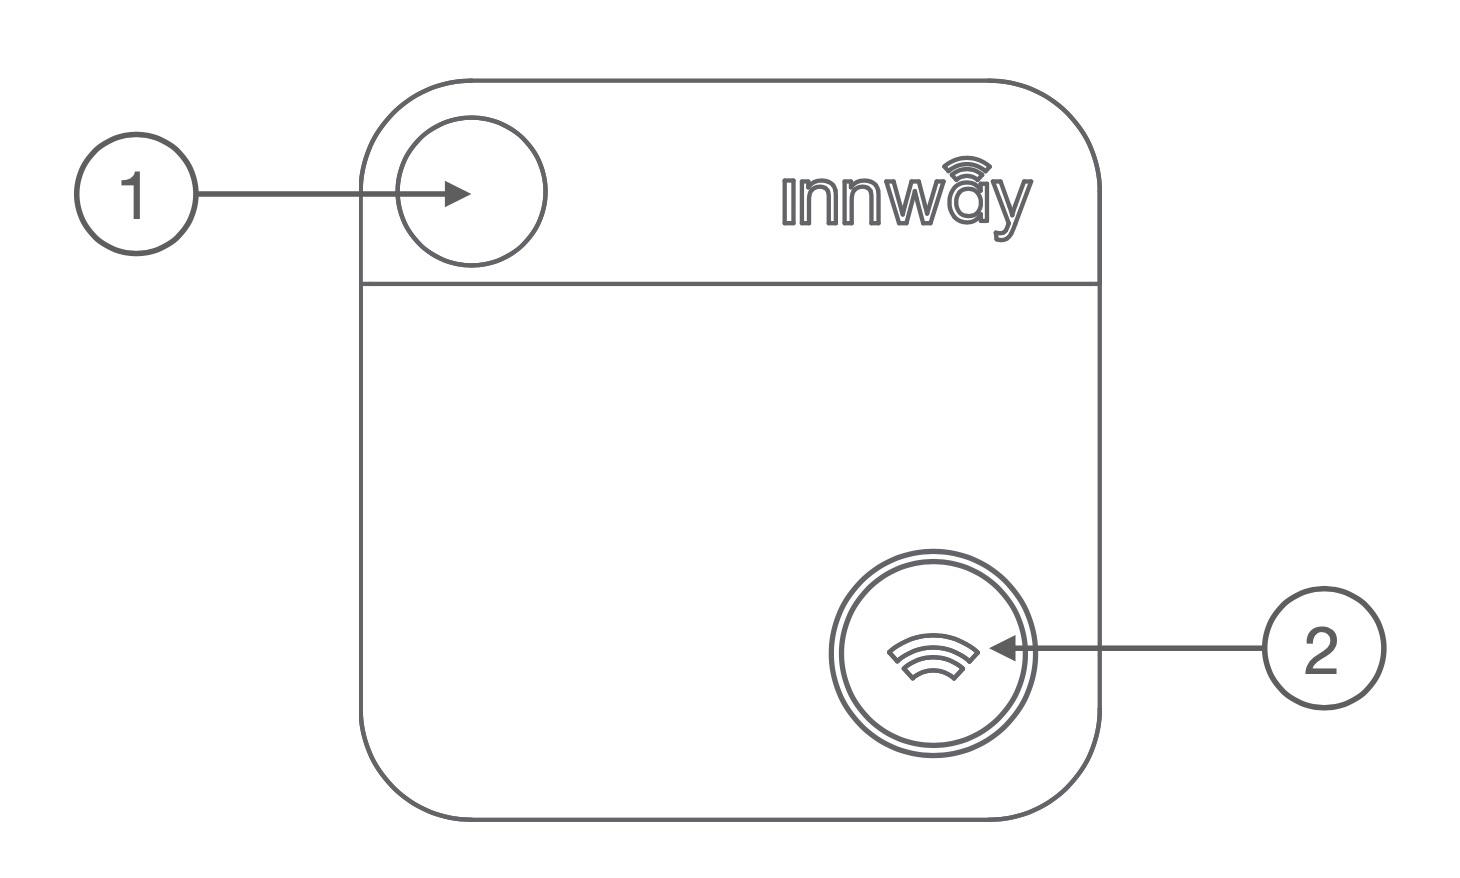 Innway Tag parts